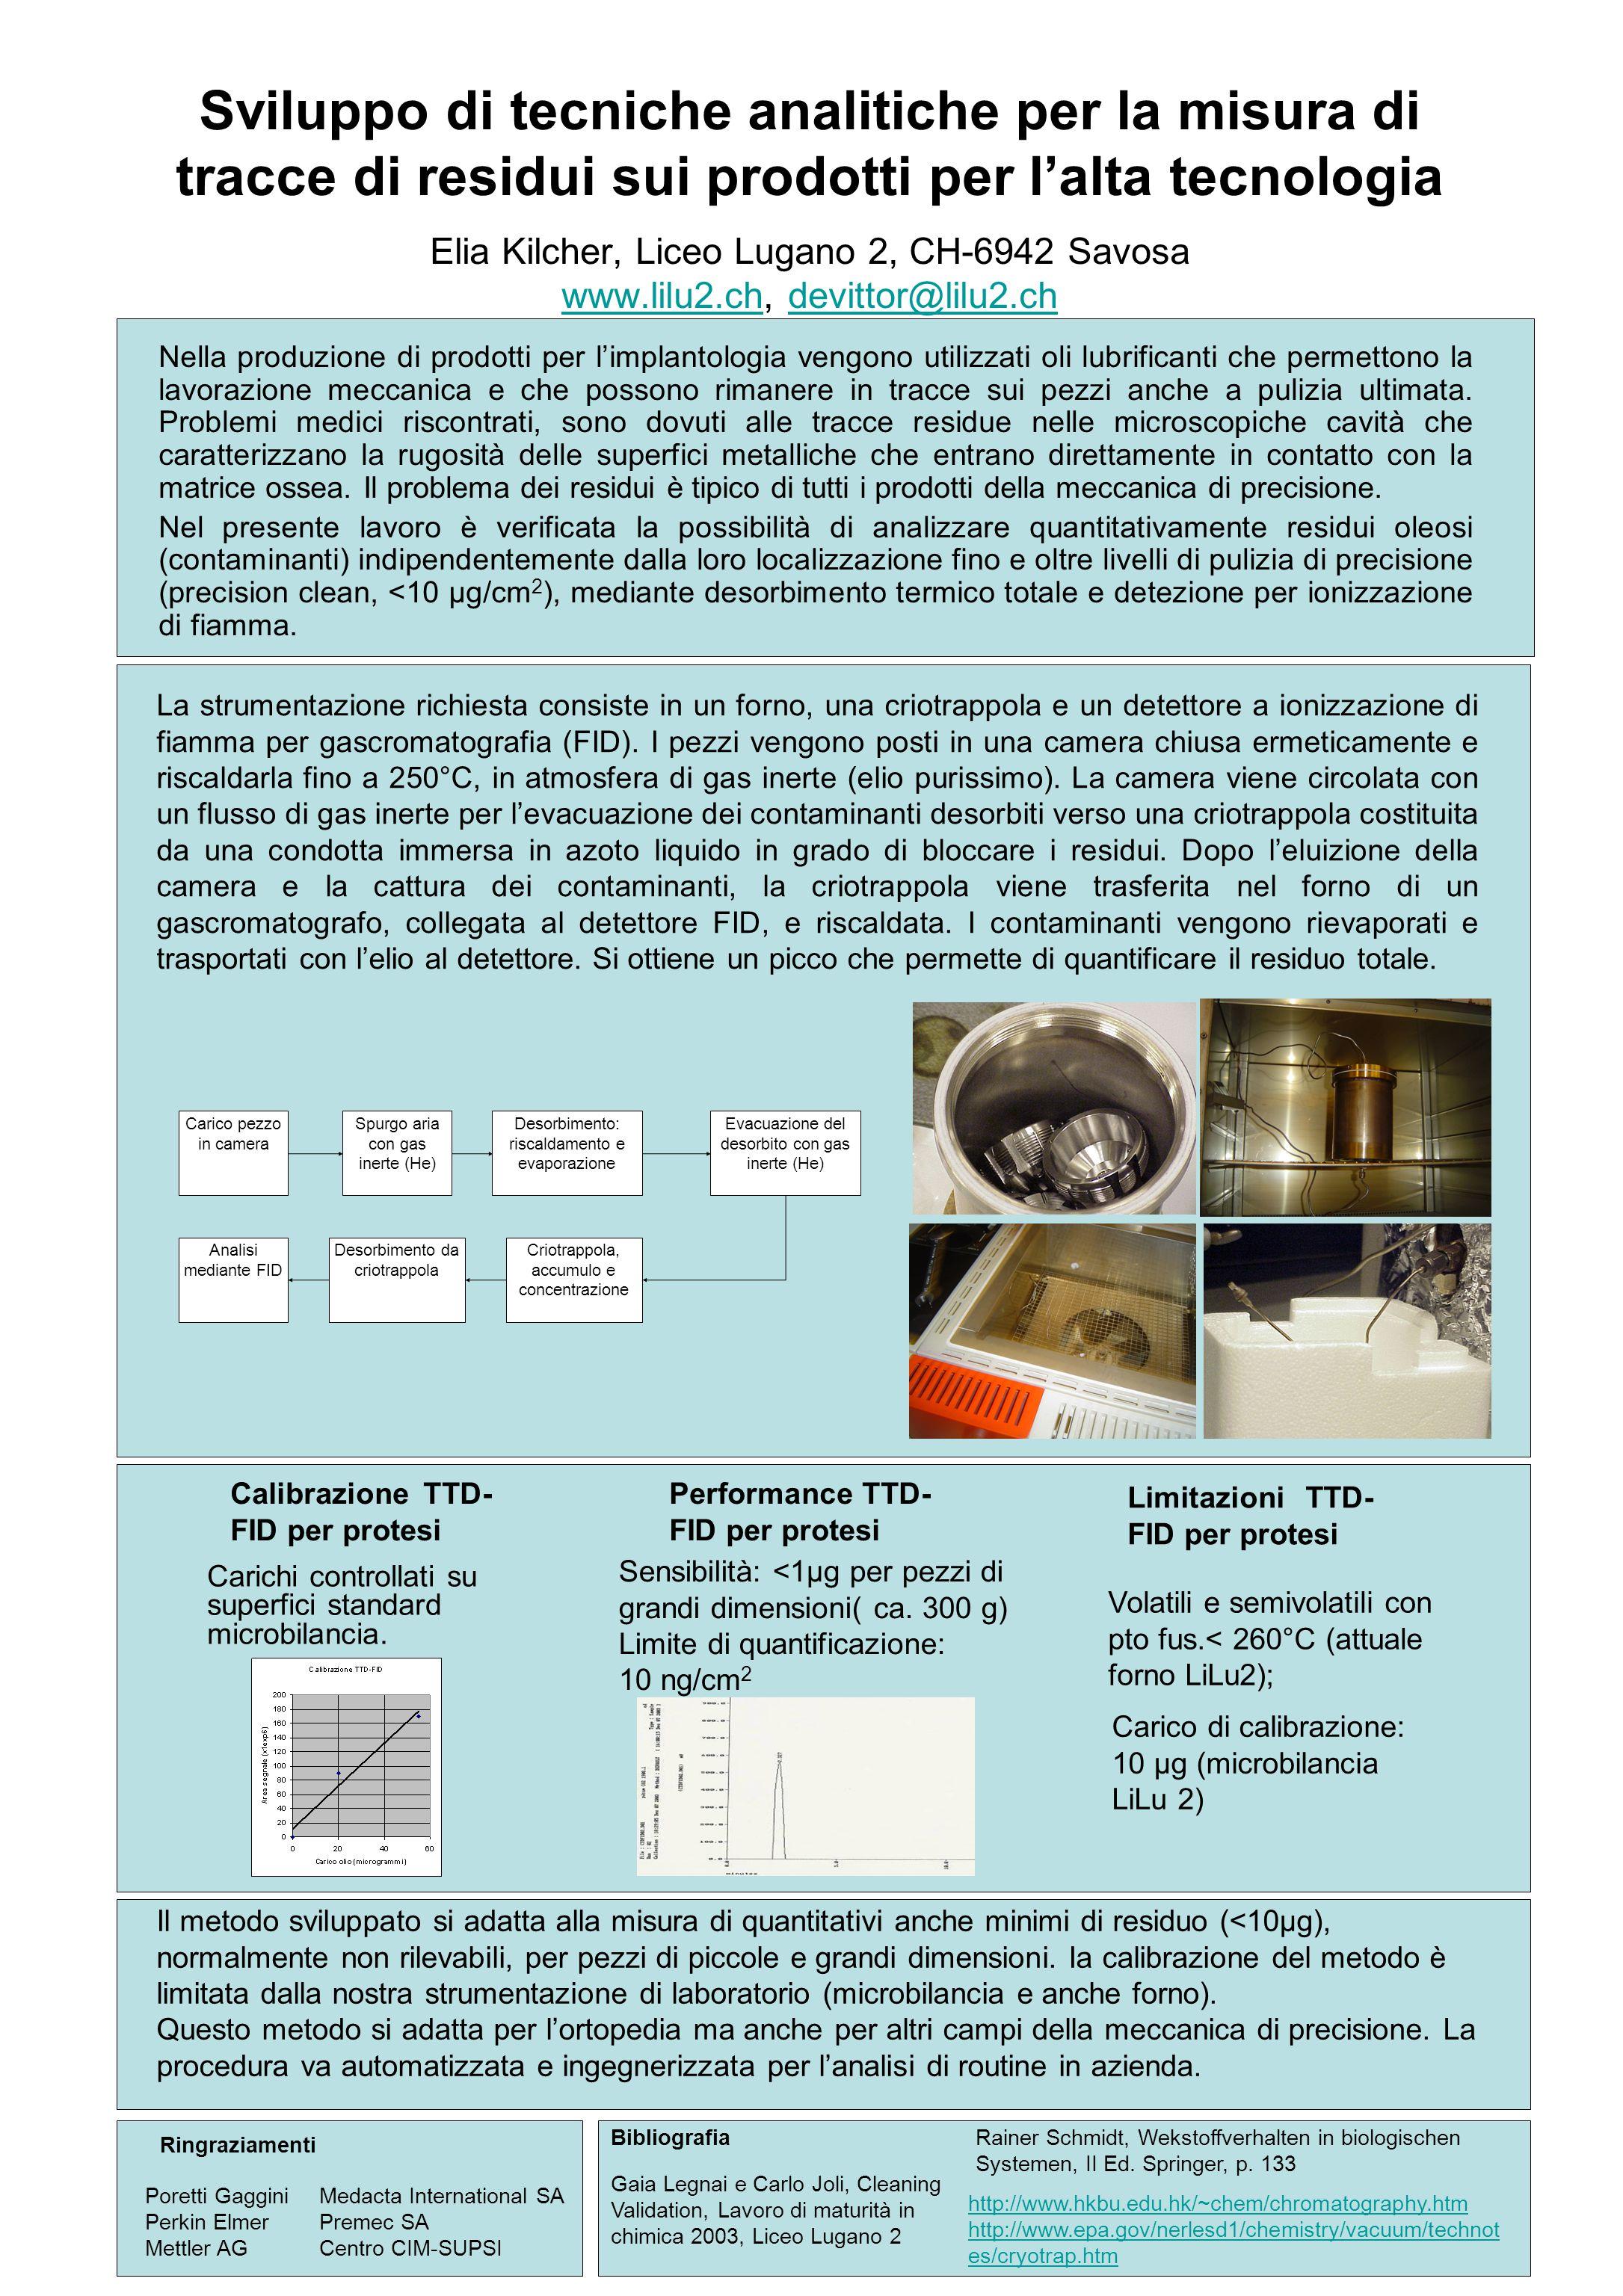 Sviluppo di tecniche analitiche per la misura di tracce di residui sui prodotti per l'alta tecnologia Elia Kilcher, Liceo Lugano 2, CH-6942 Savosa www